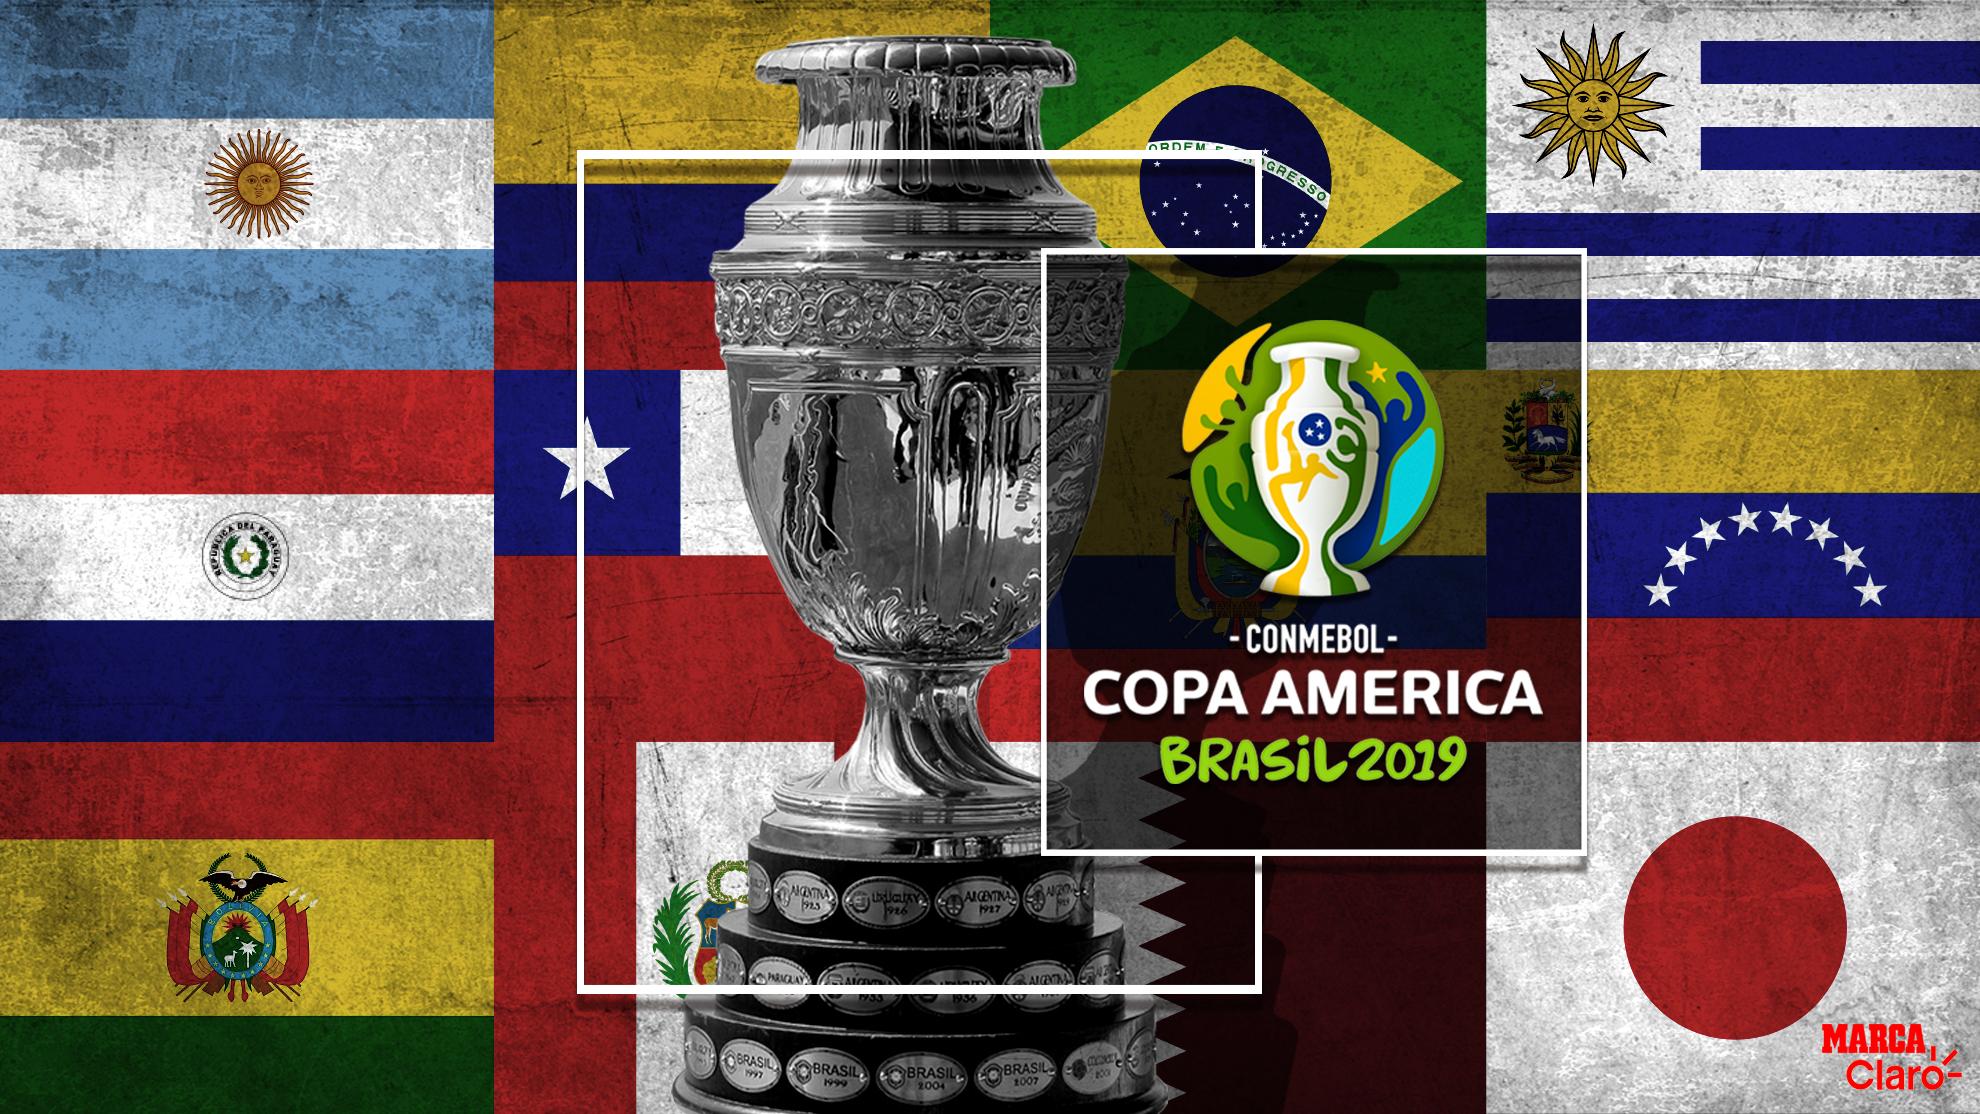 Guía completa de la Copa América: equipos, estrellas, sedes e historia de la competición